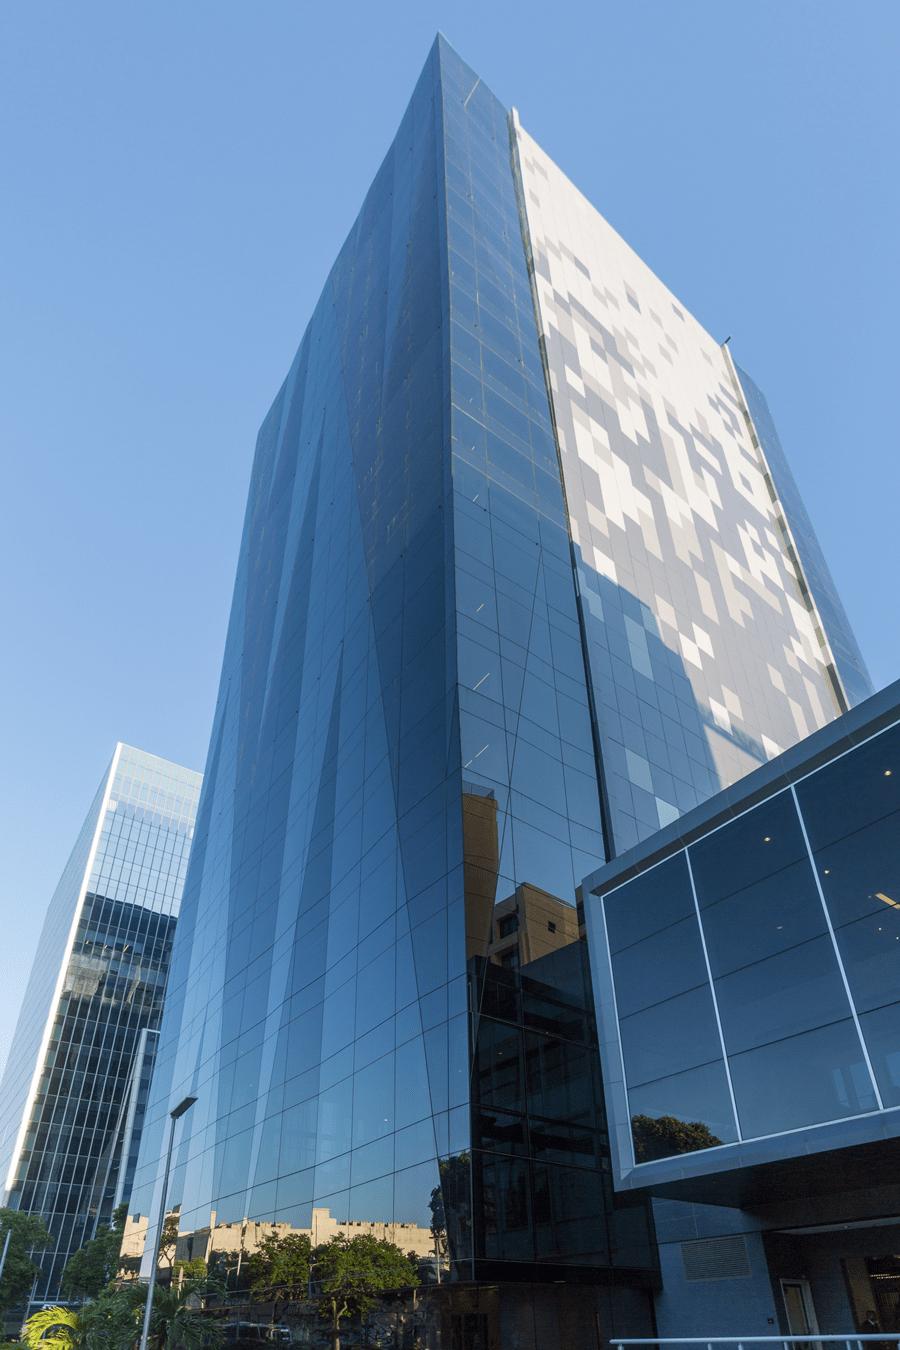 Fachada do Edifício Sede da L'Oréal, Rio de Janeiro